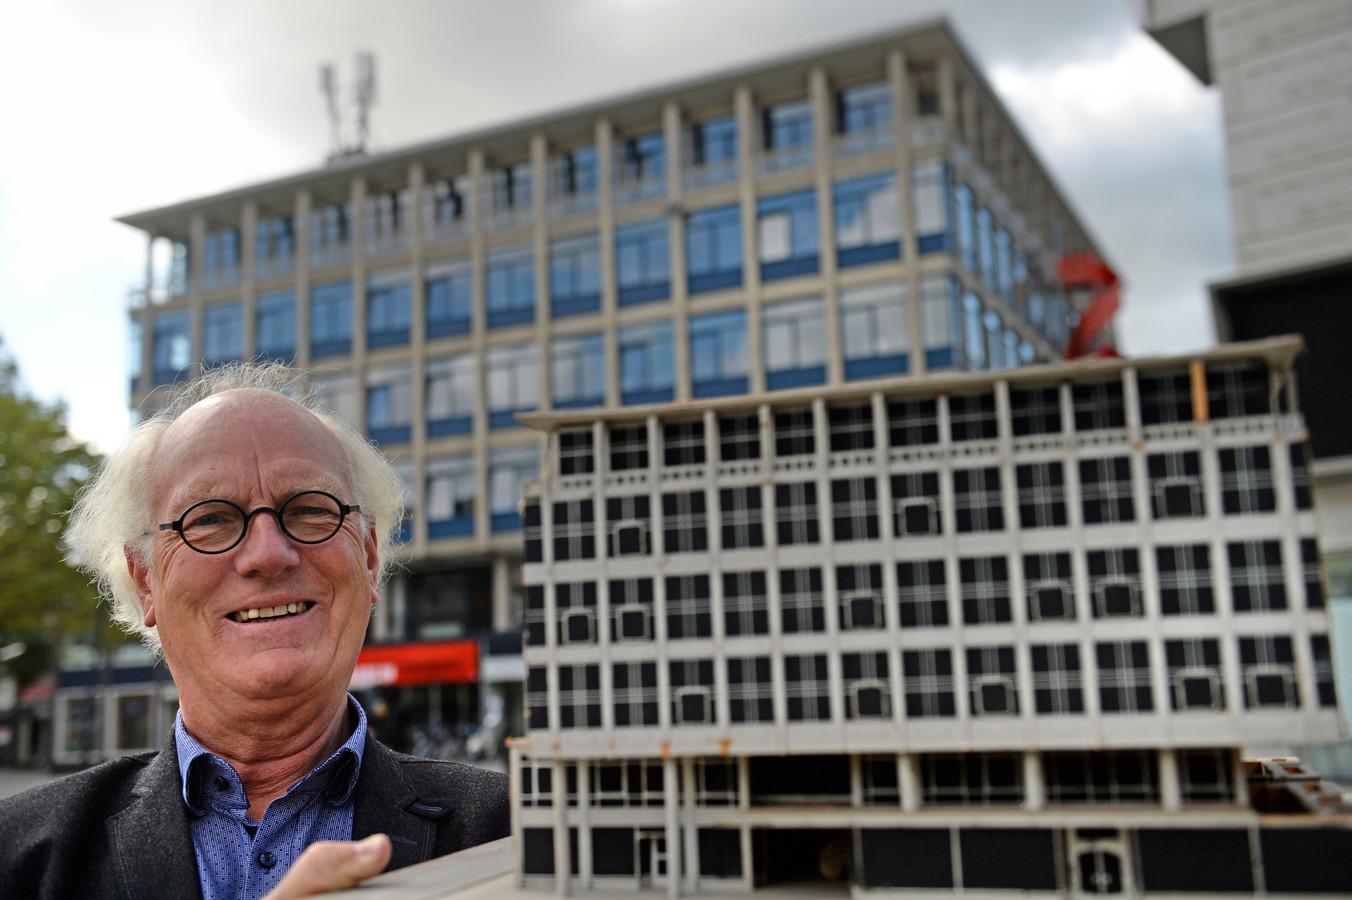 Oud-Hengeloër Herman Dekkers mocht zestig jaar geleden als kleine jongen de sleutel aanreiken voor de opening  van de Markt, als sluitstuk van wederopbouw. Nu is hij zelf expert in ruimtelijke identiteit.